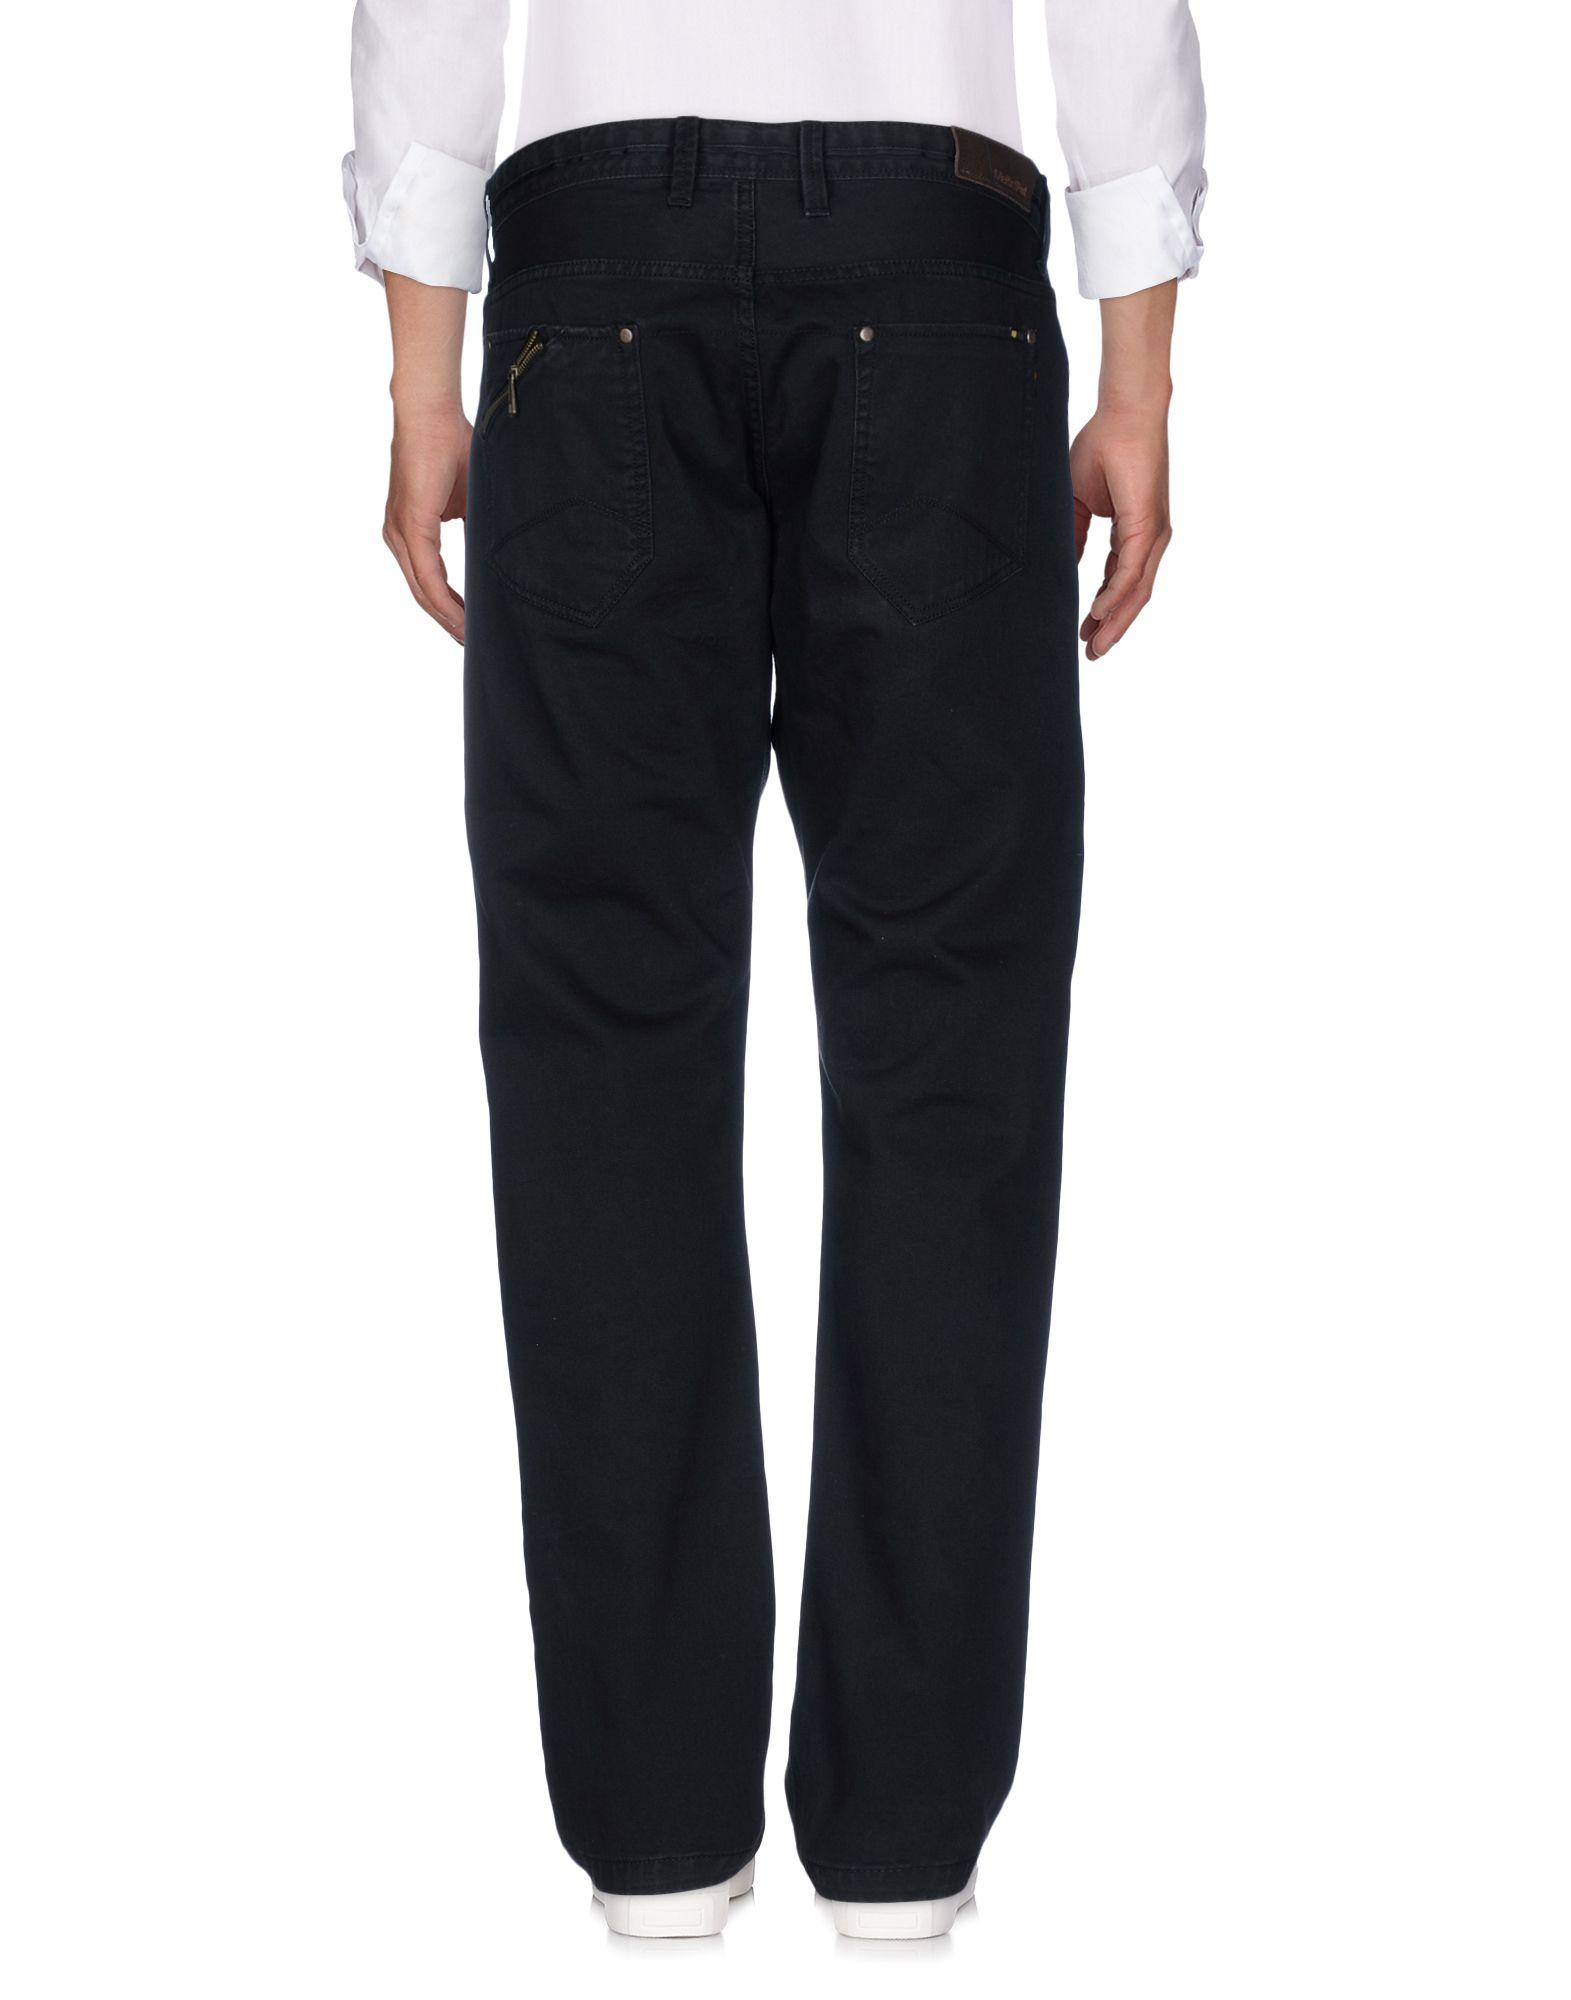 Pantaloni Jeans Meltin Meltin Meltin Pot Uomo - 13109170QH 908e84